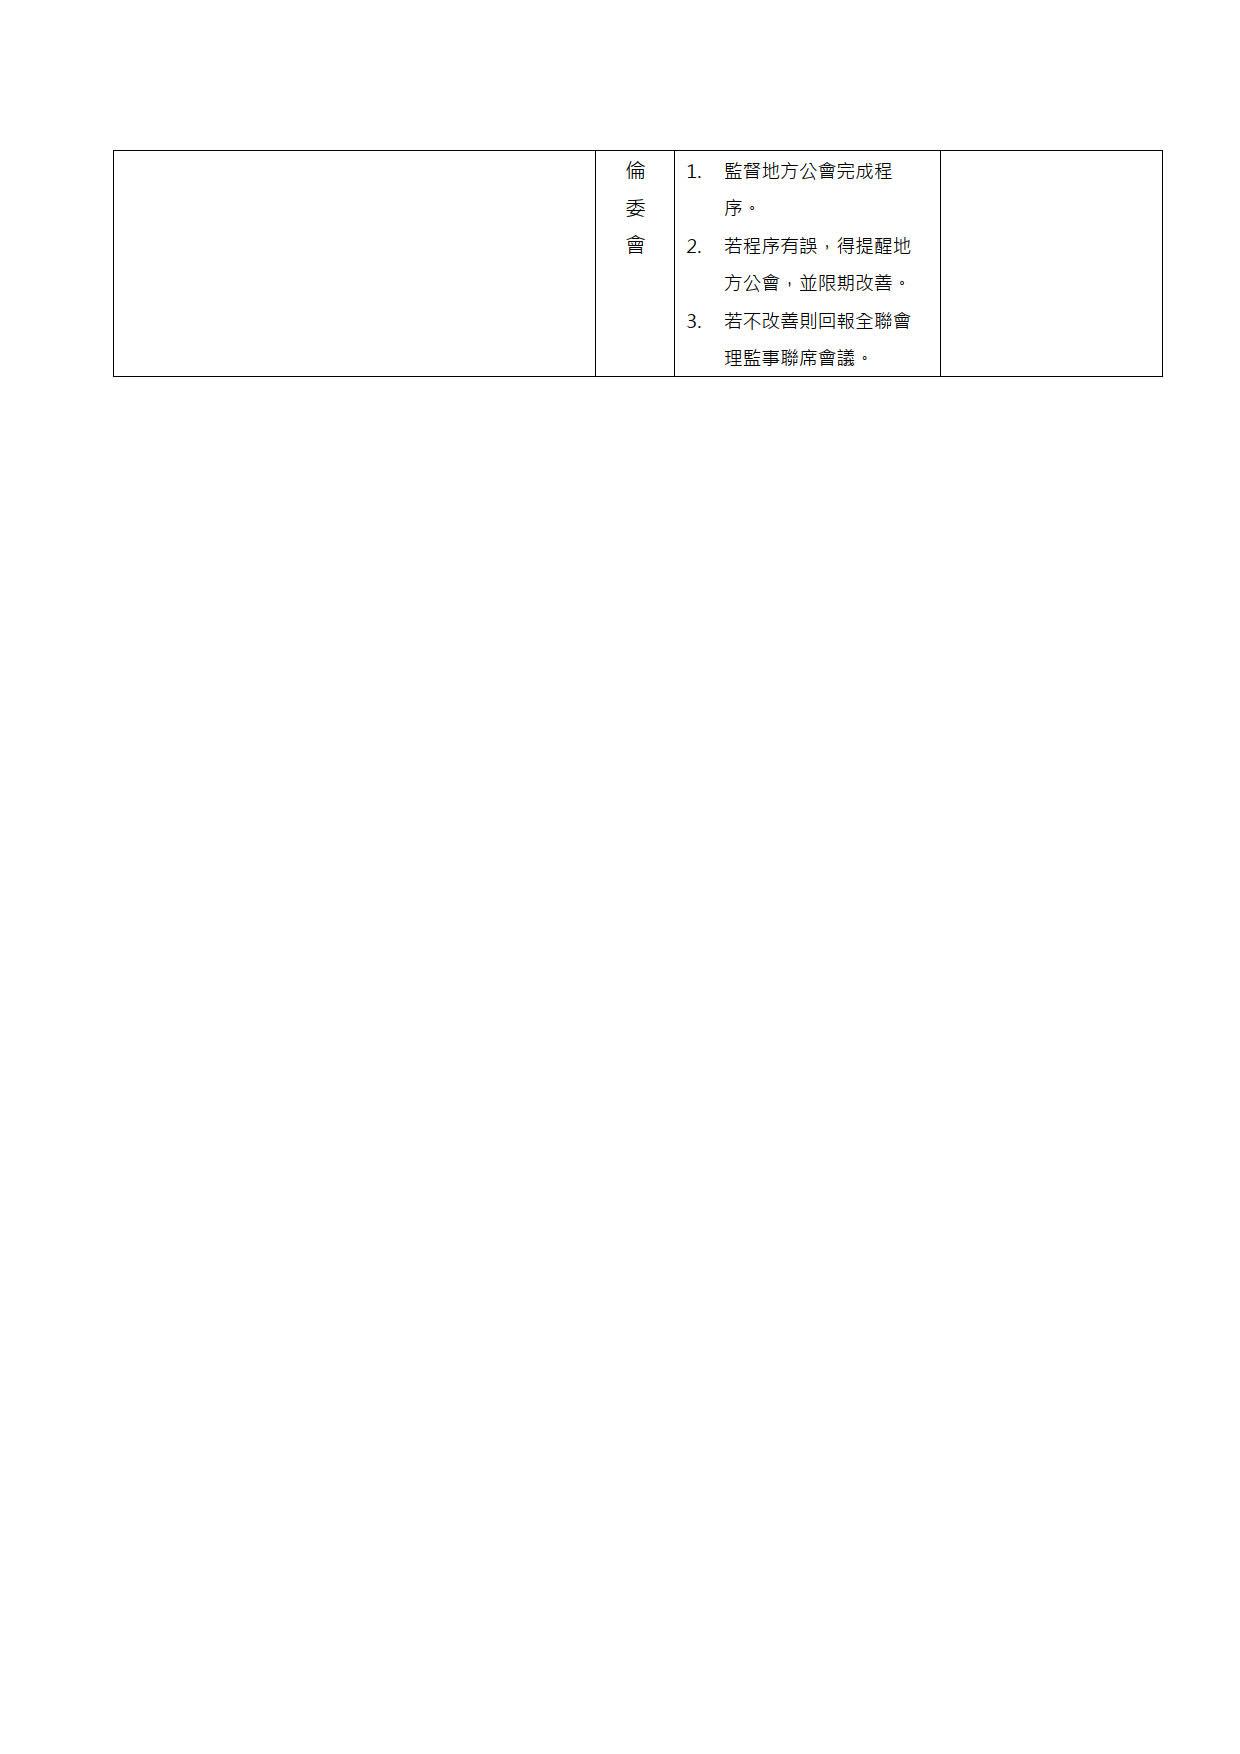 倫理申訴流程_4.jpg